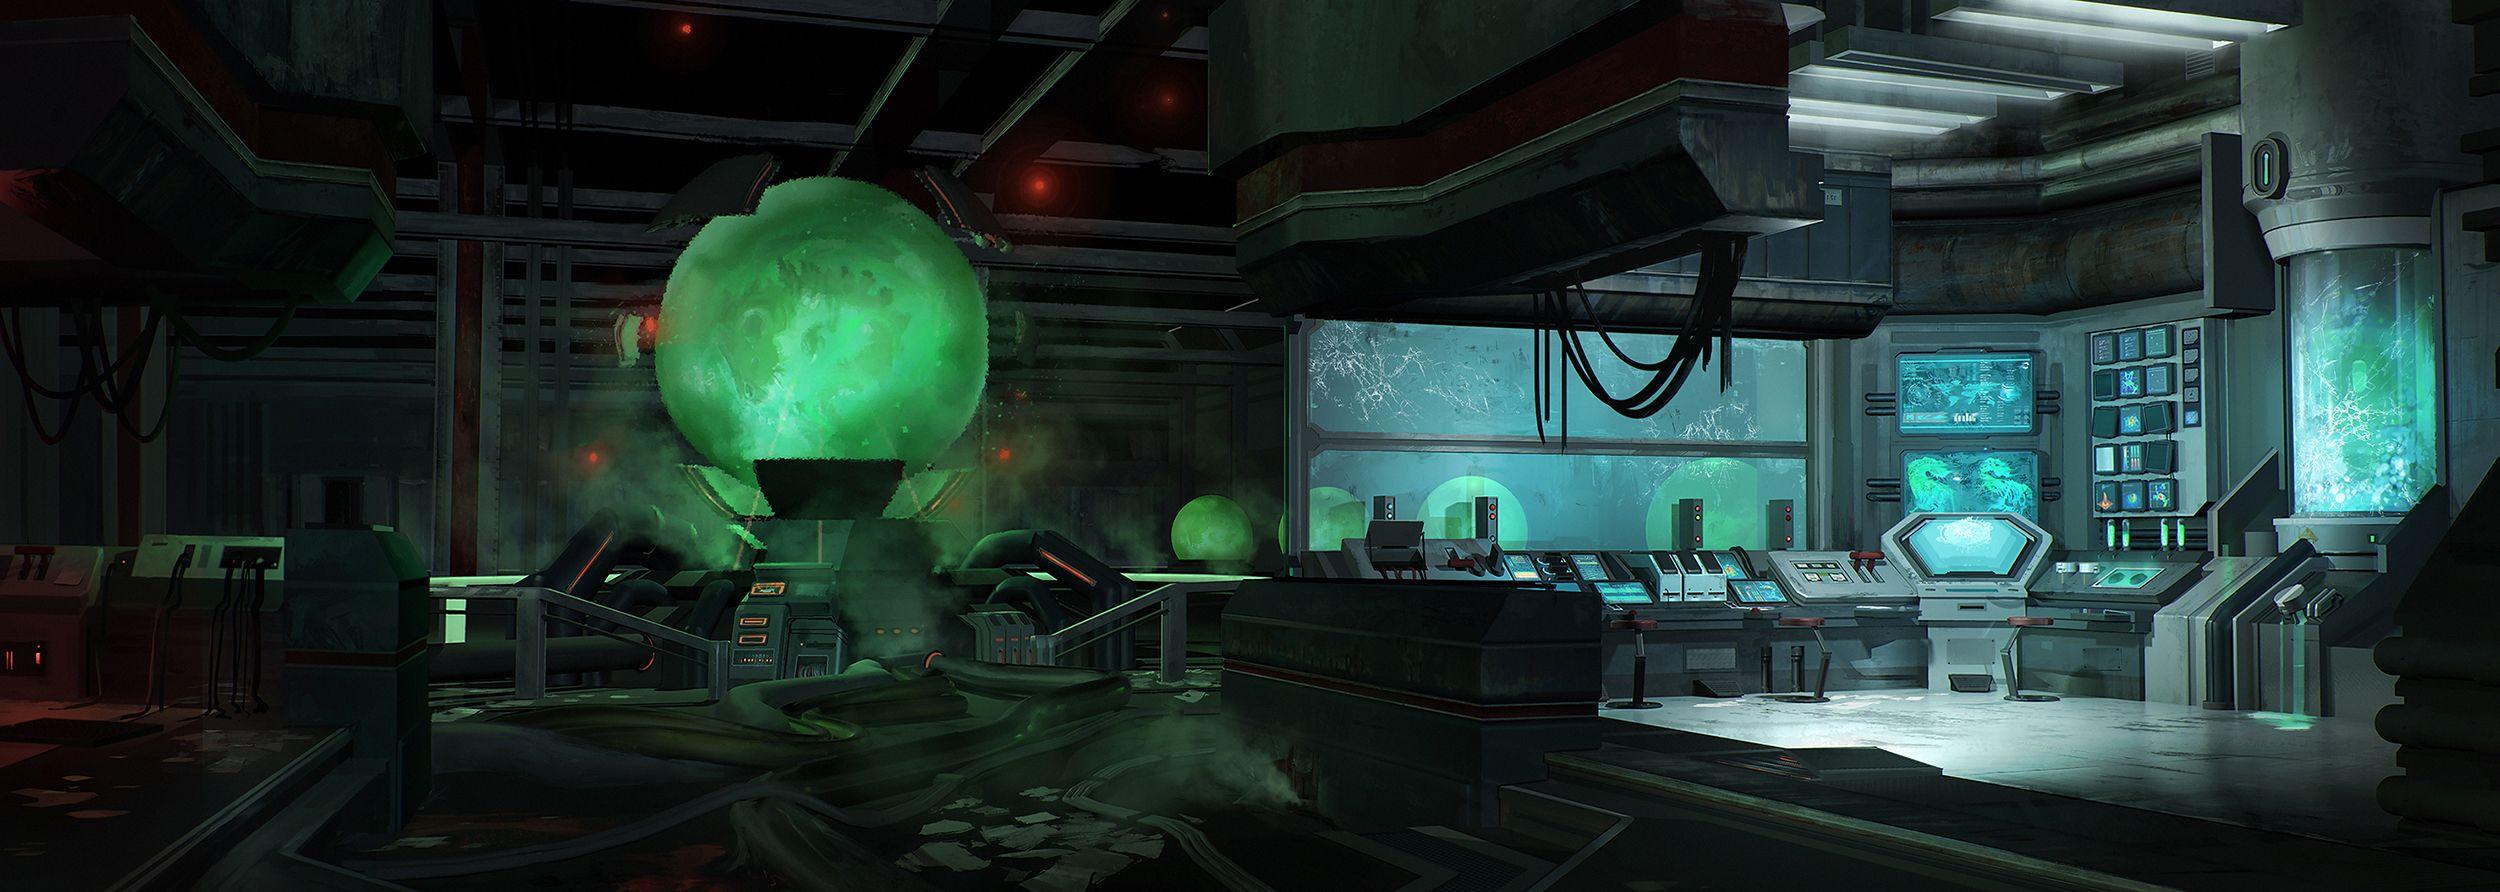 Underground Dino Laboratory by FranklinChan.deviantart.com ...